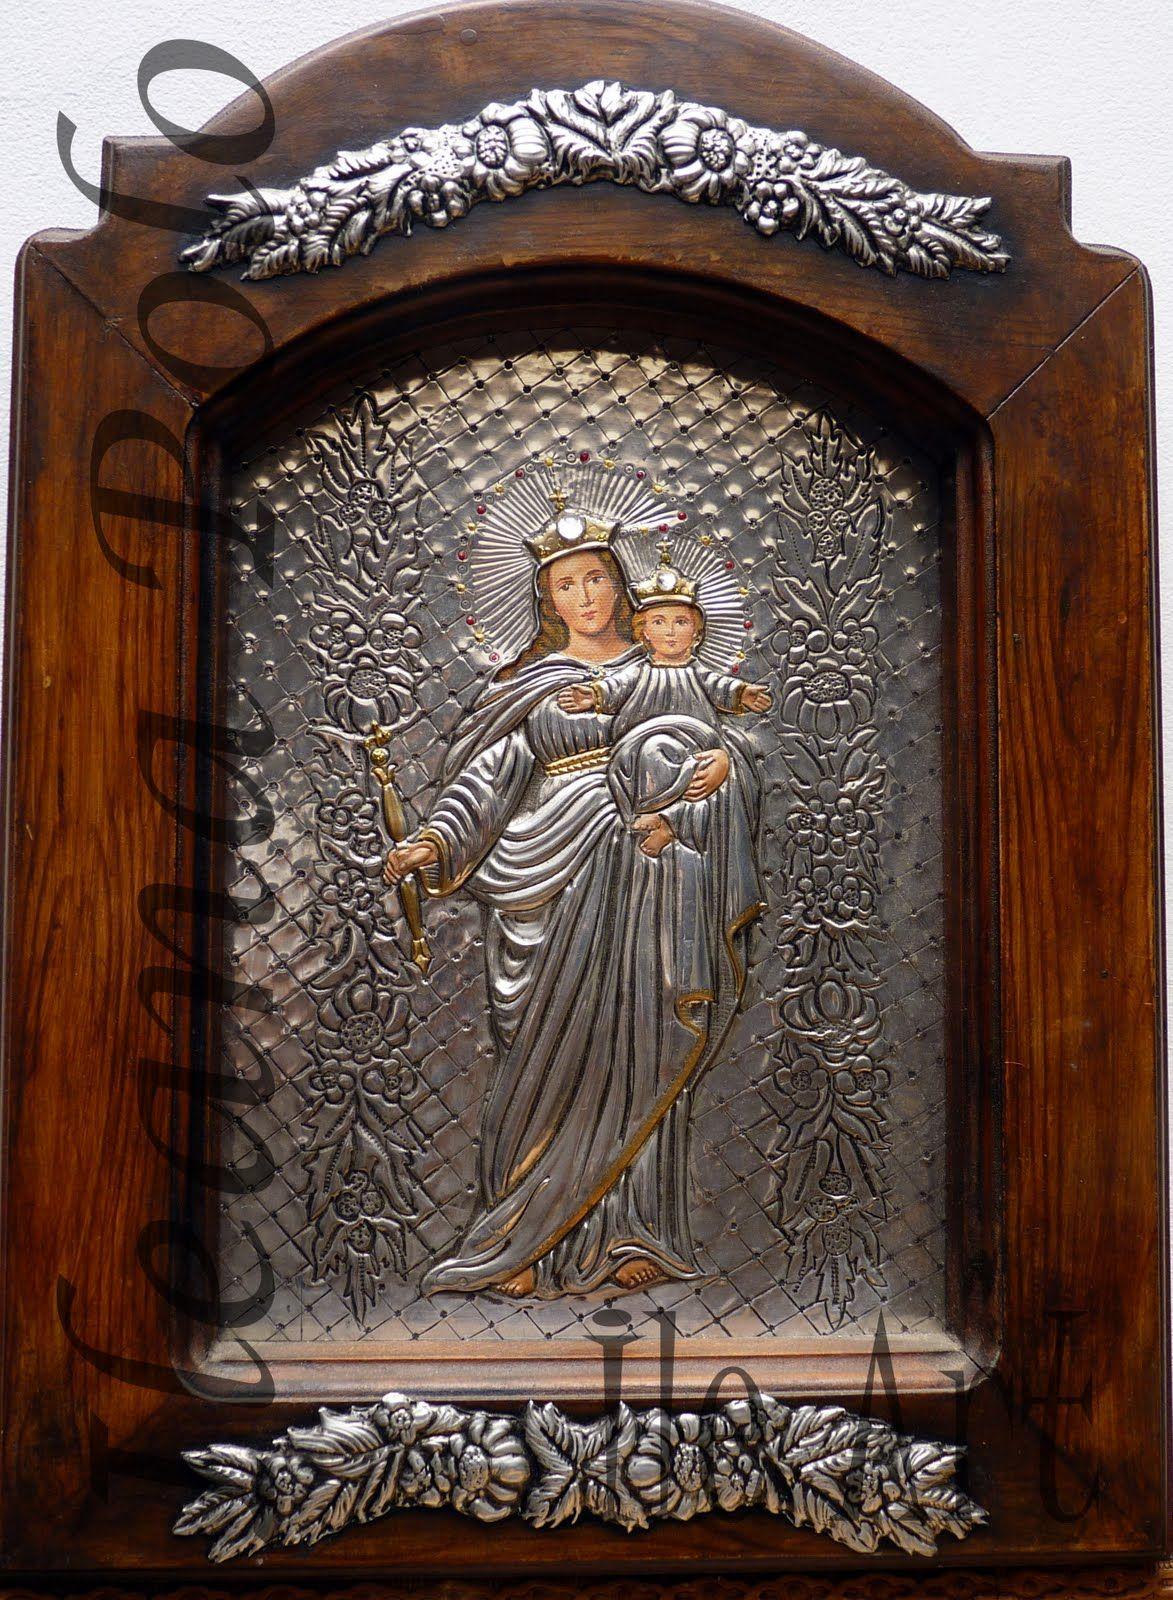 cuadro virgen de guadalupe lo tenemos repujado en aluminio ileart cuadros en repujado y Oleo obras de la virgen maria auxiliadora